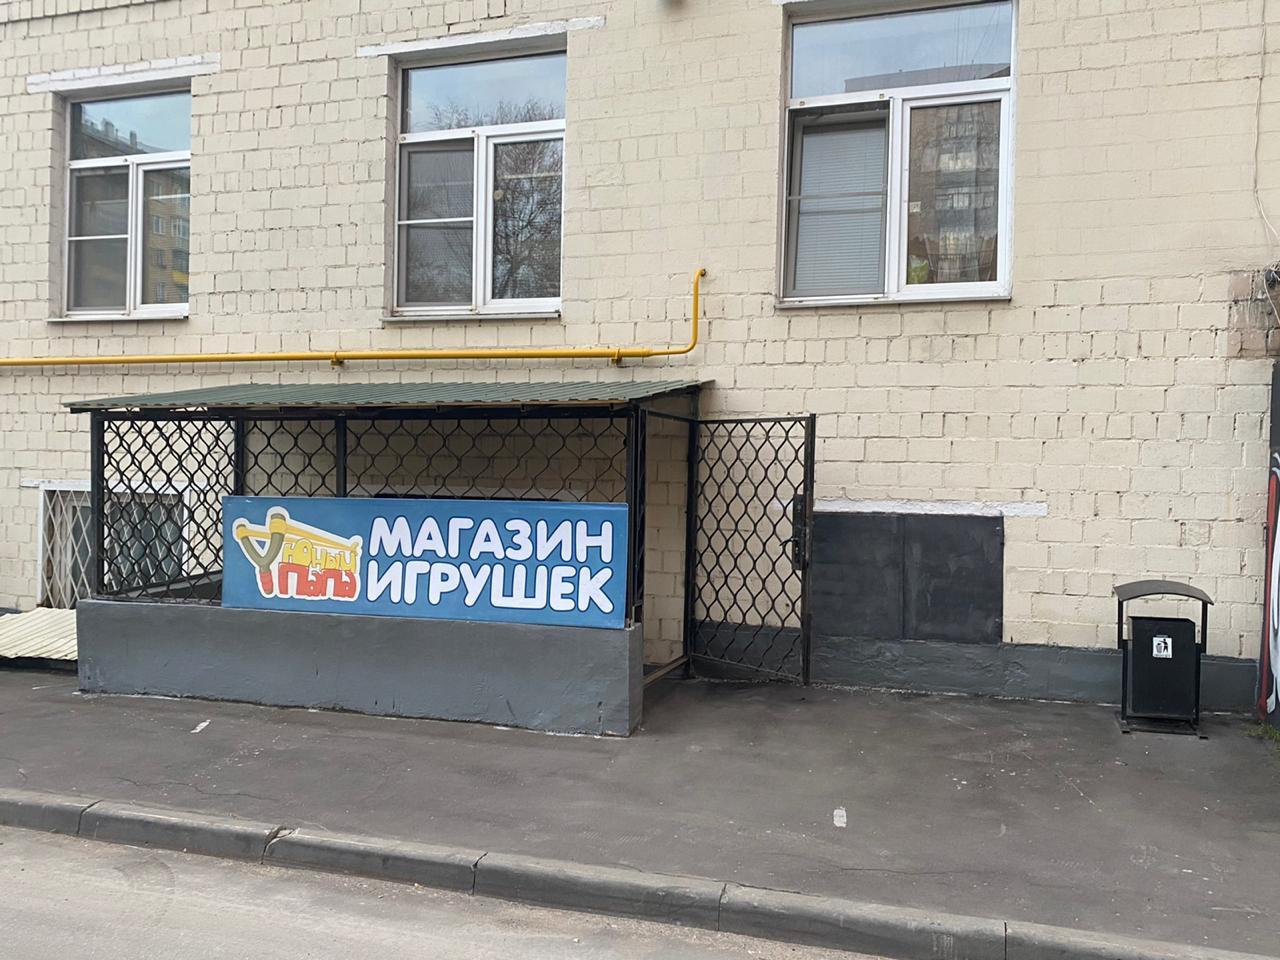 Москва, м. Автозаводская - розничный магазин и сервис-центр